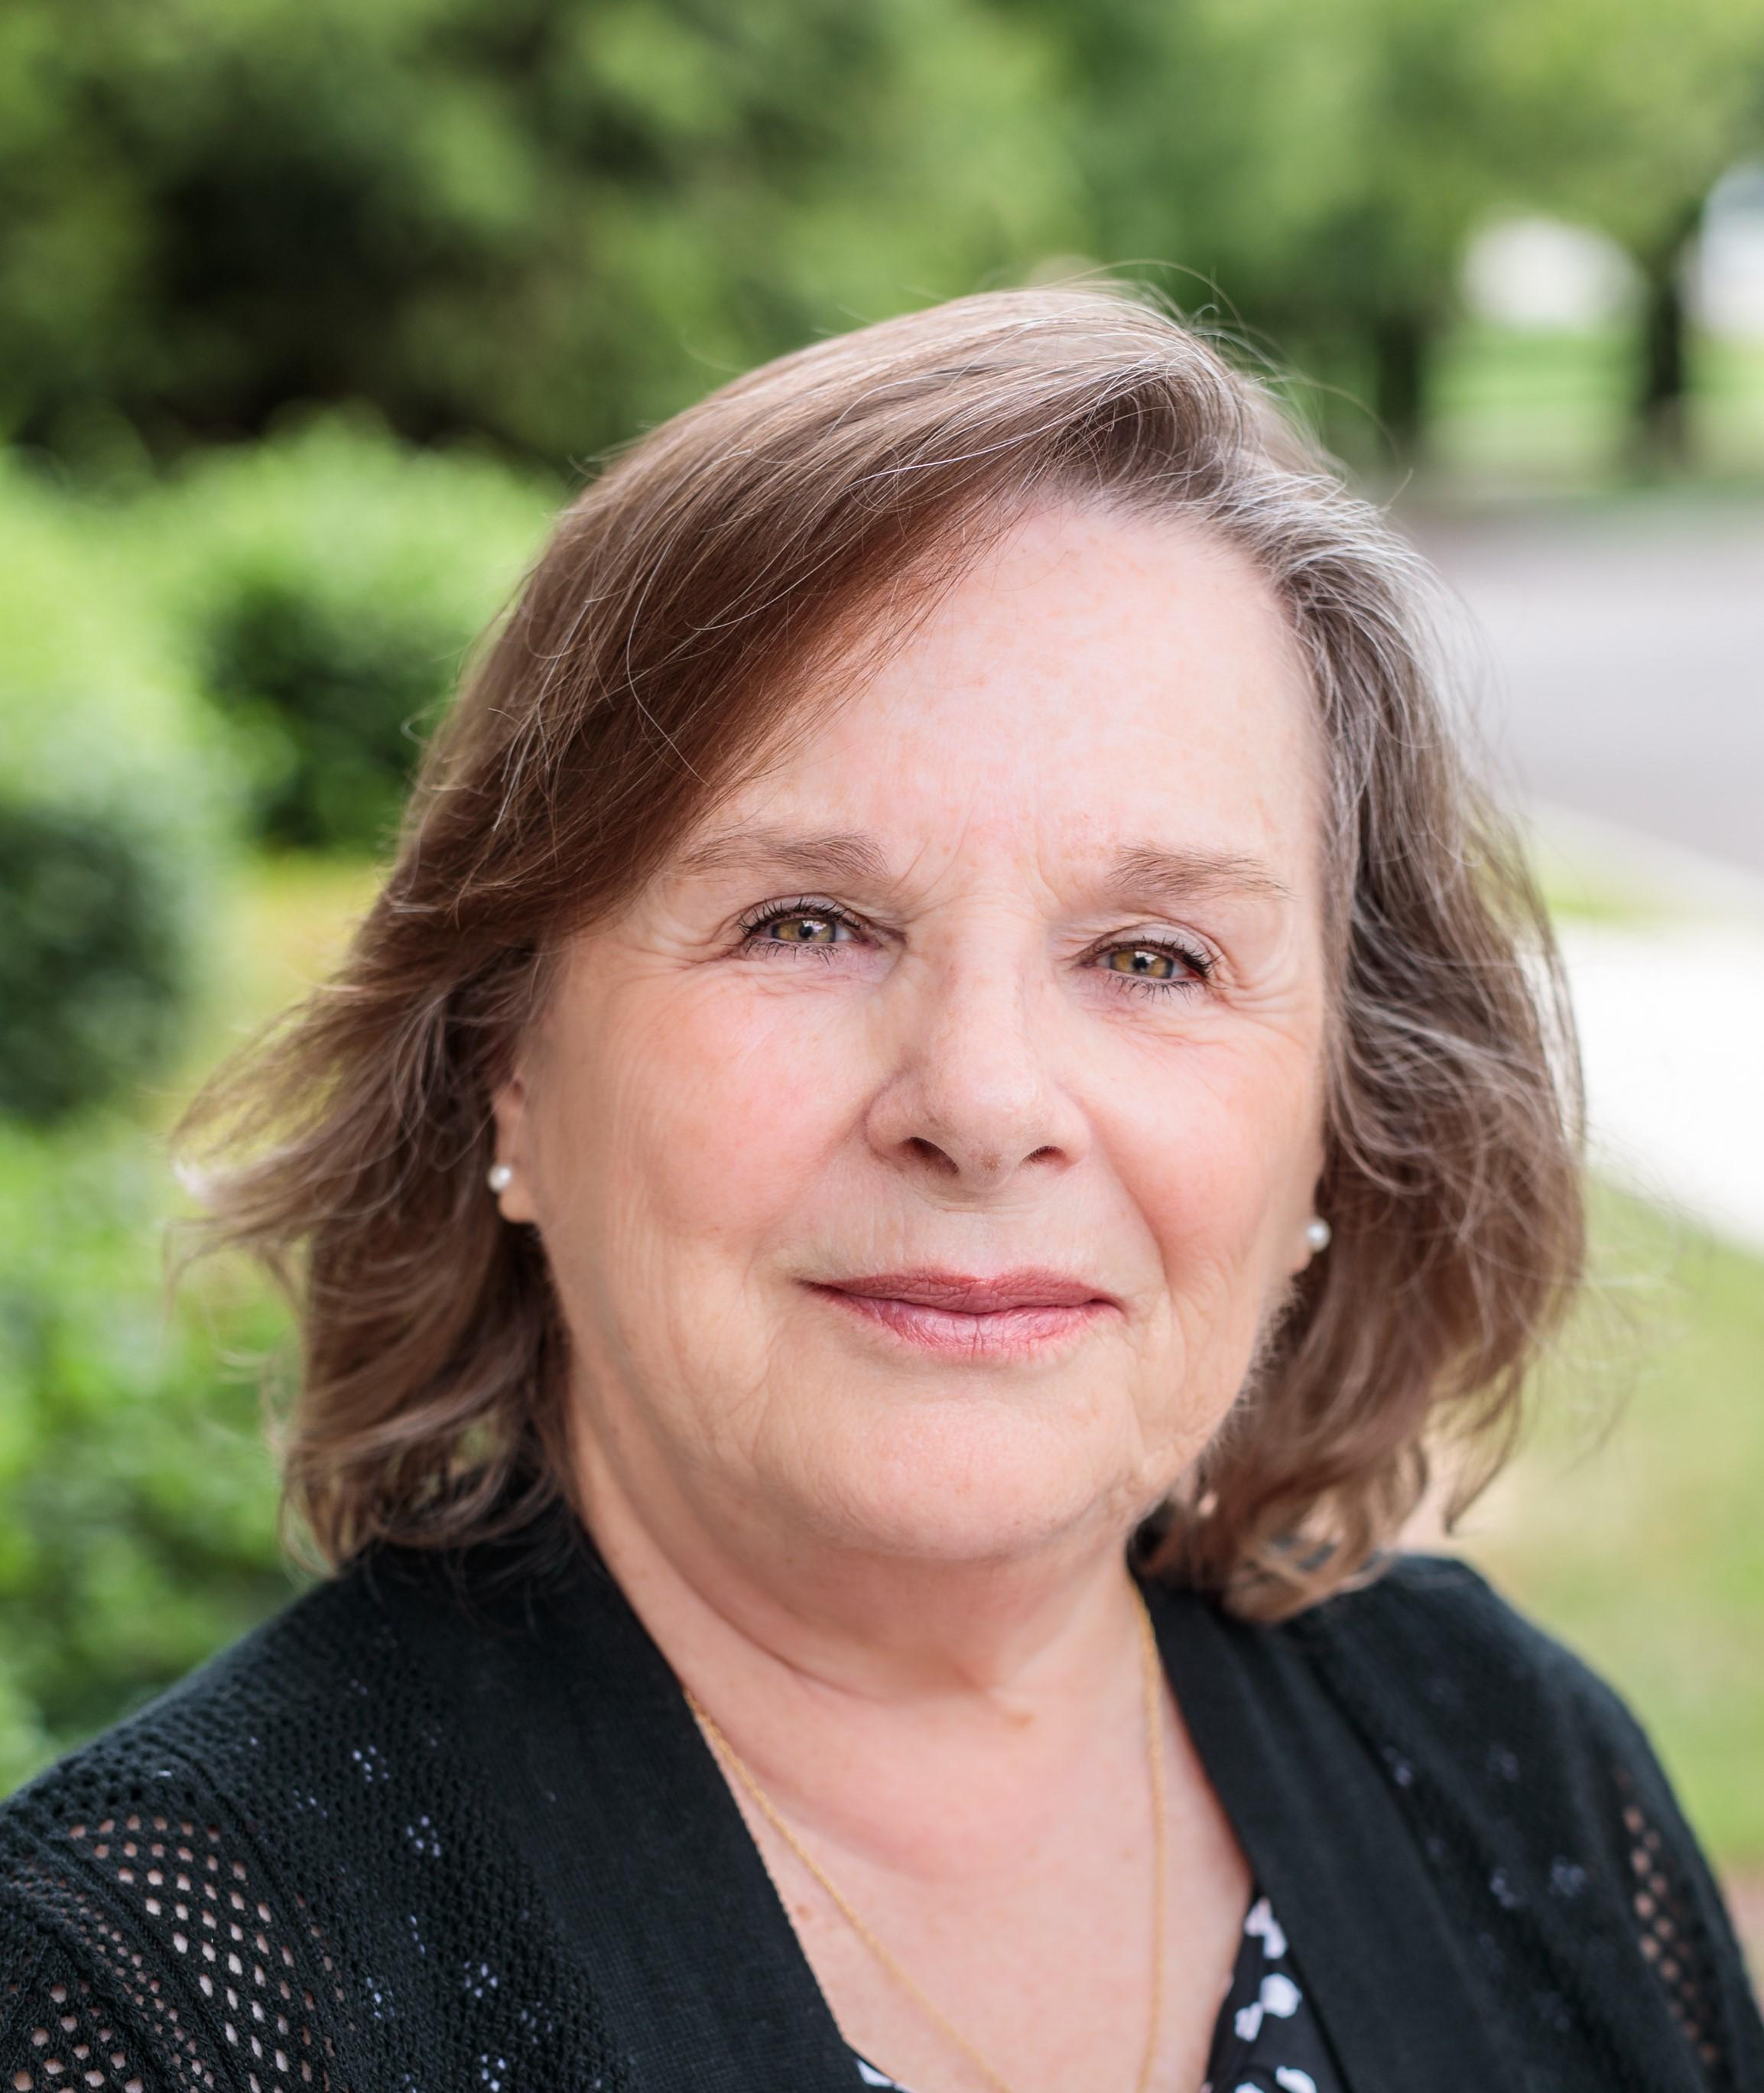 Denise S. Titus